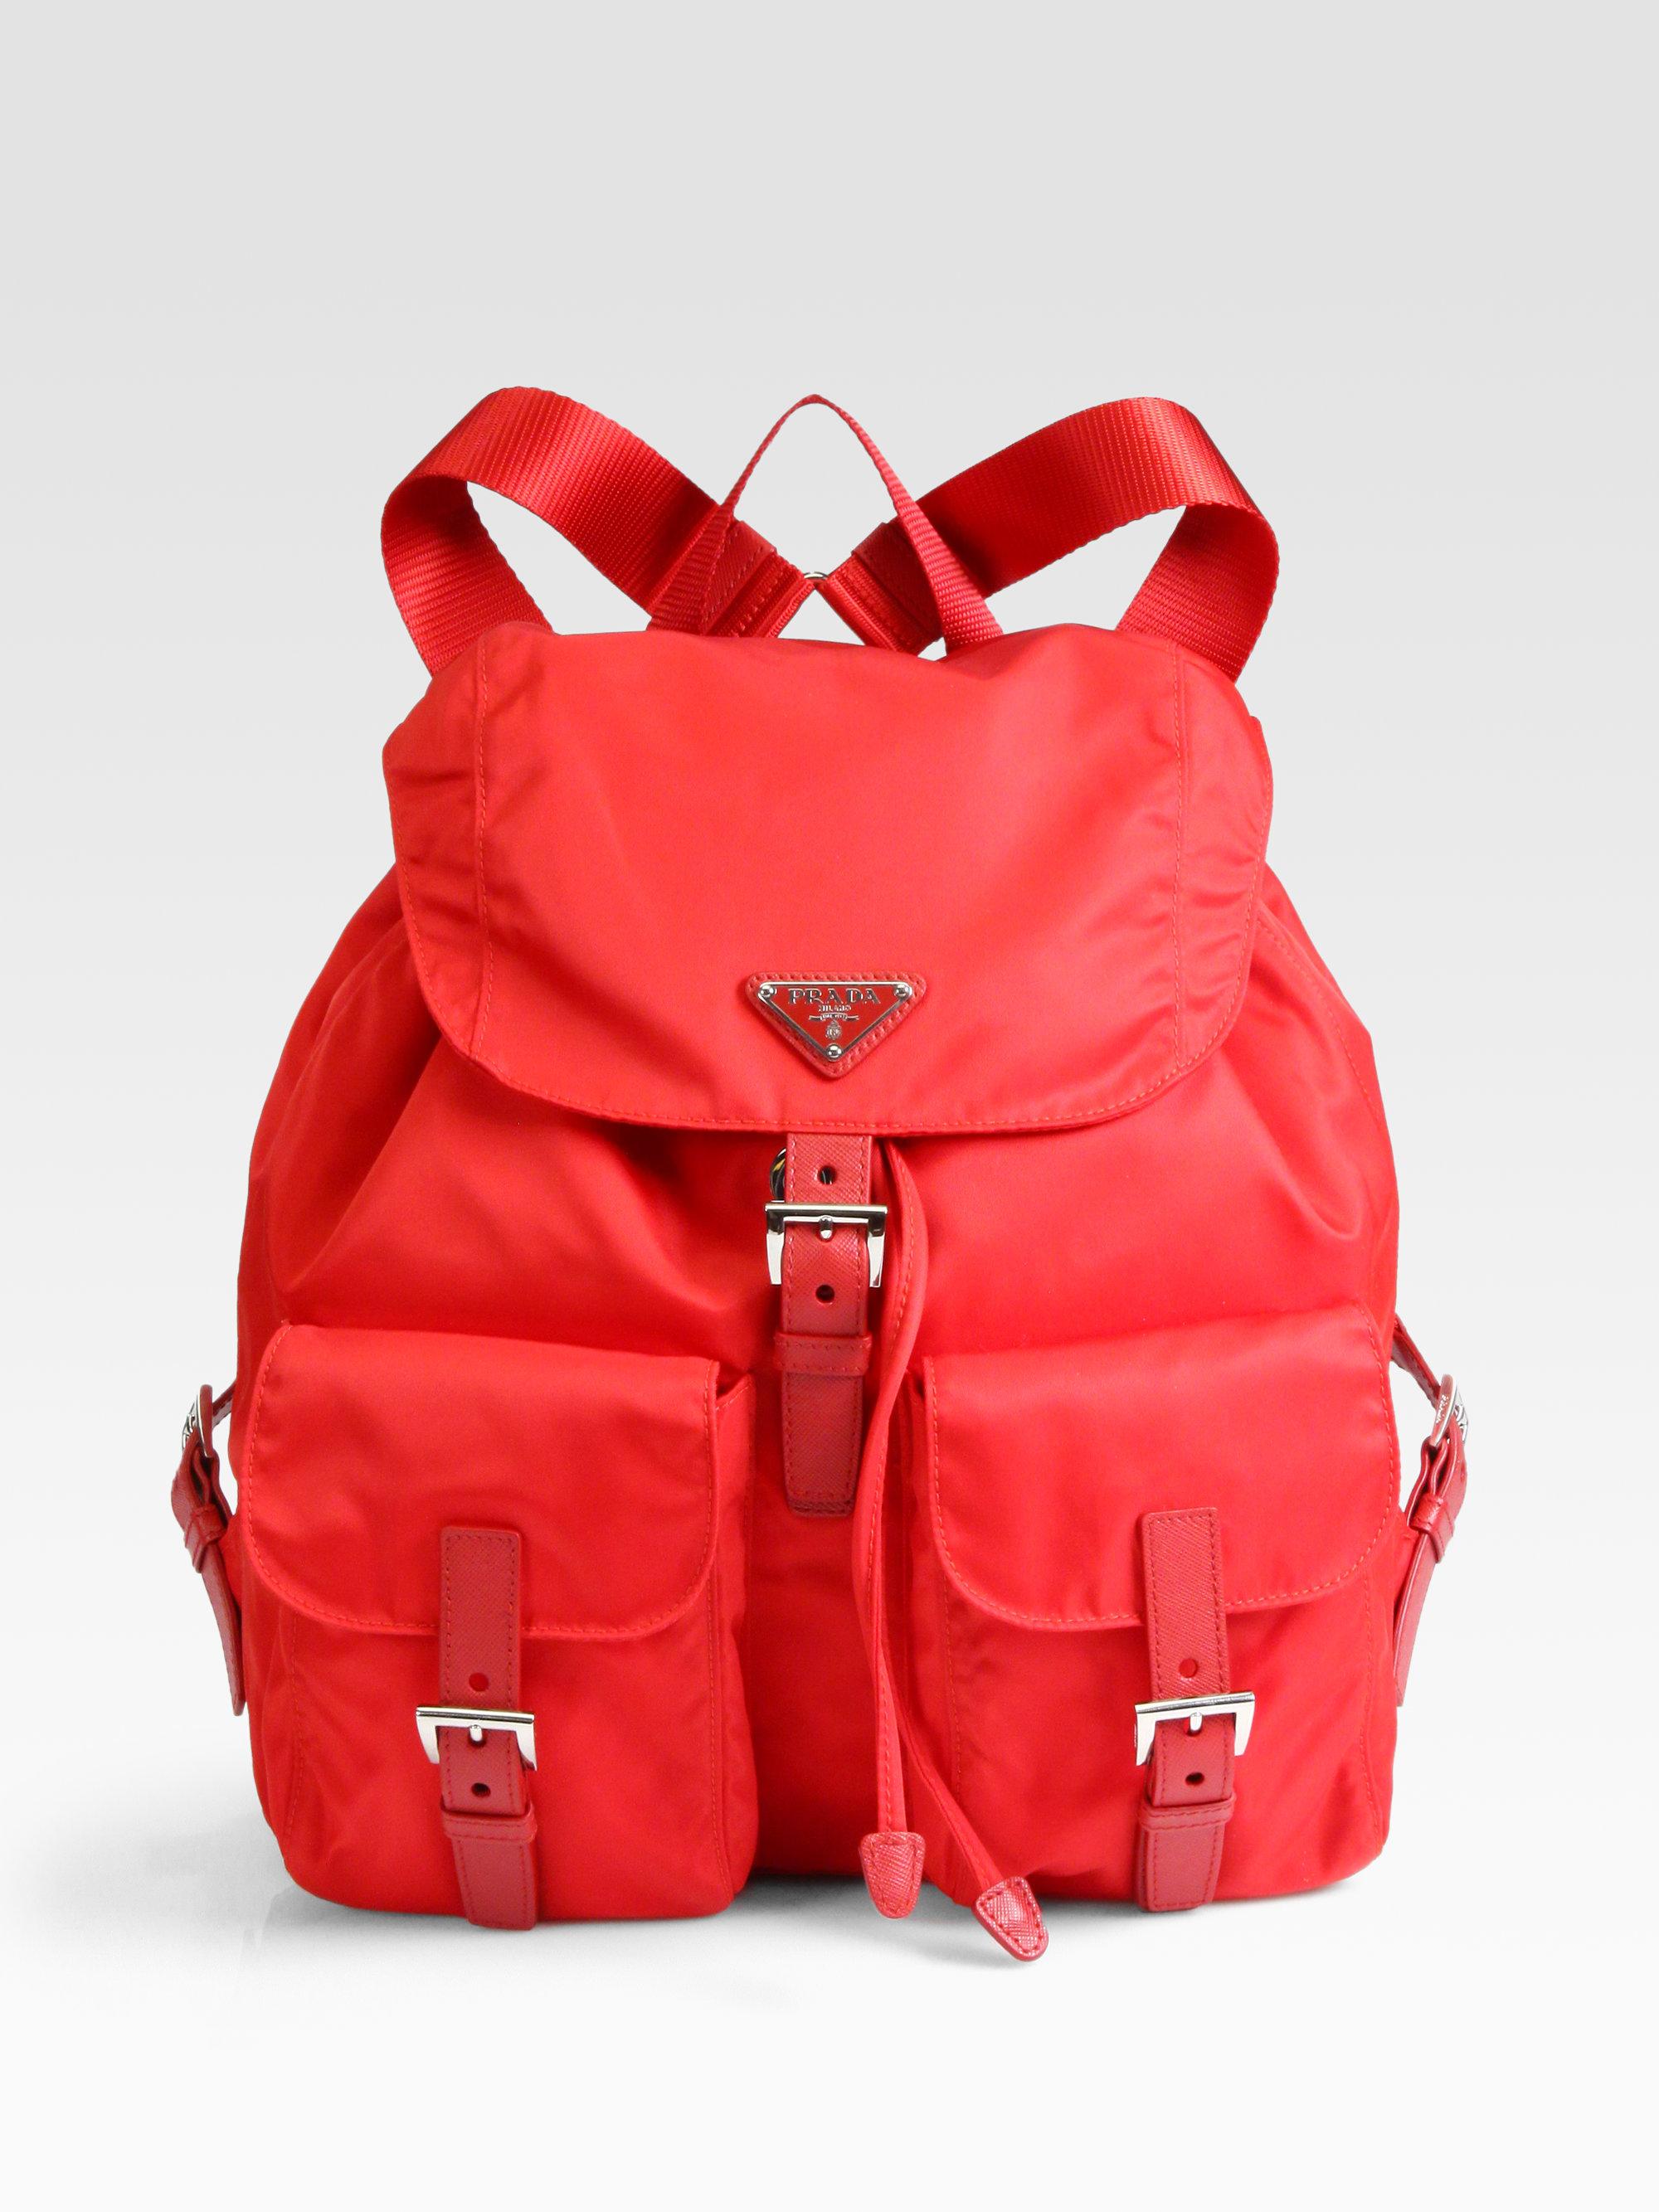 Prada Vela Backpack in Red